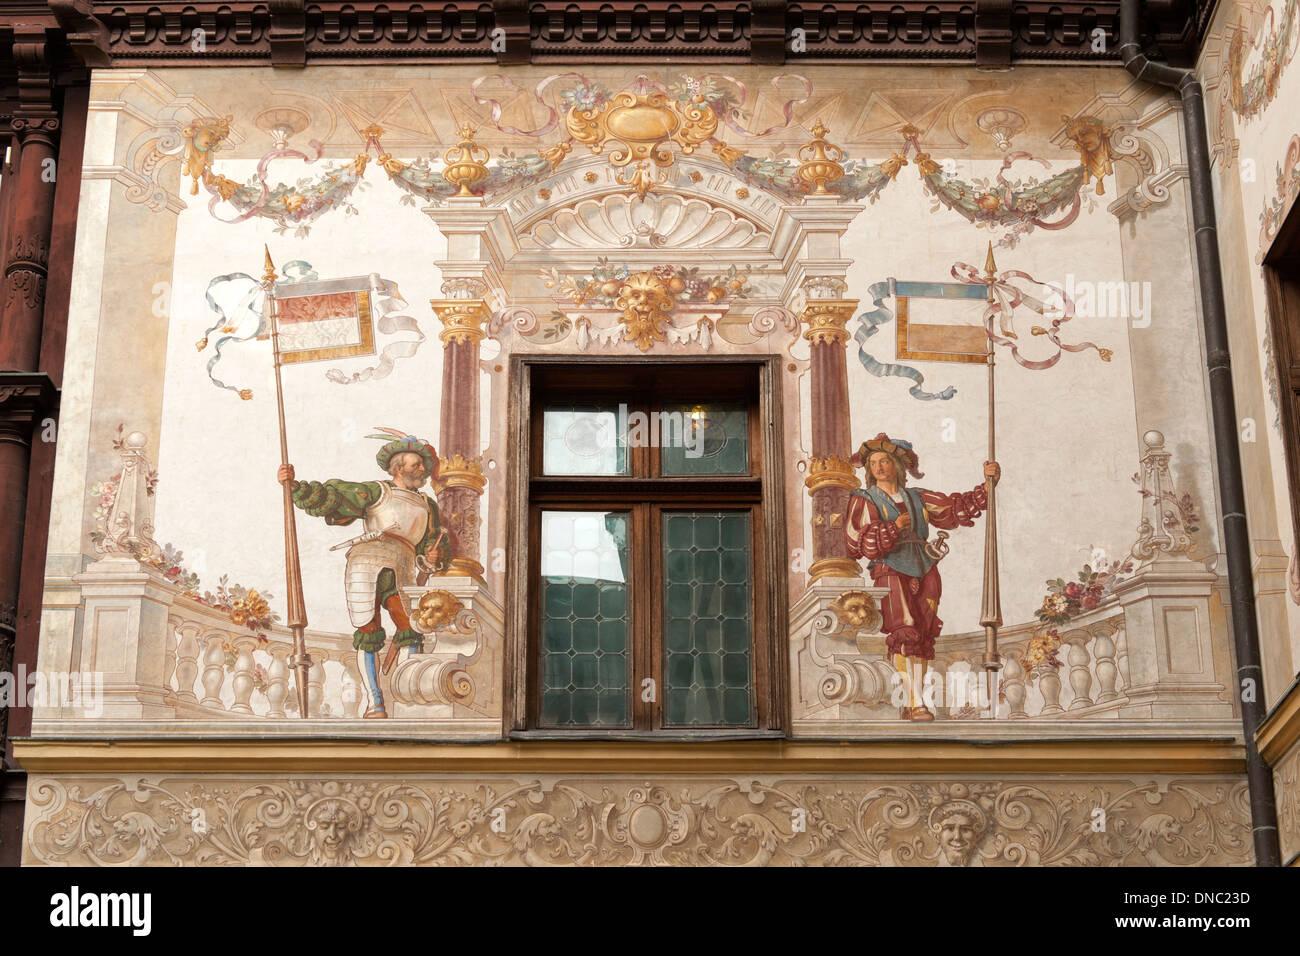 Wandbild und architektonischen Details im Hof von Schloss Pele? in Sinaia Zentralrumänien Transsilvanien und Umgebung. Stockbild